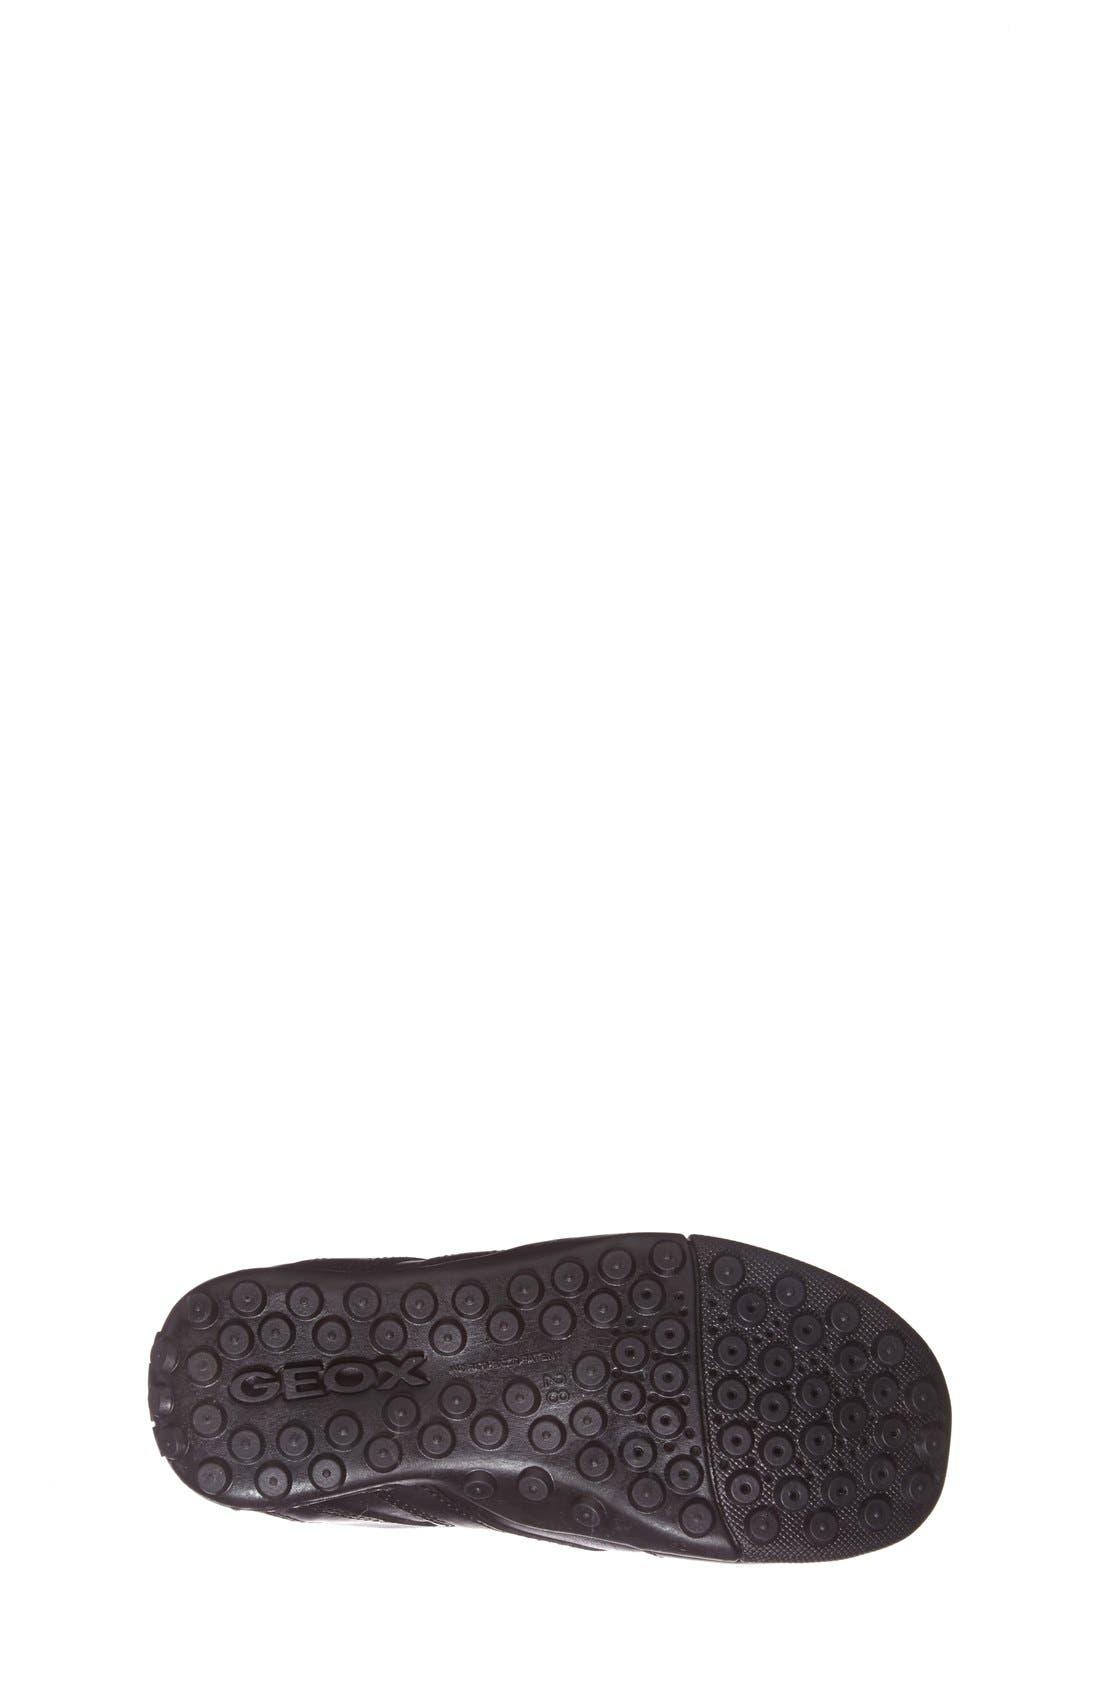 'Snake Moc 2' Leather Loafer,                             Alternate thumbnail 4, color,                             BLACK